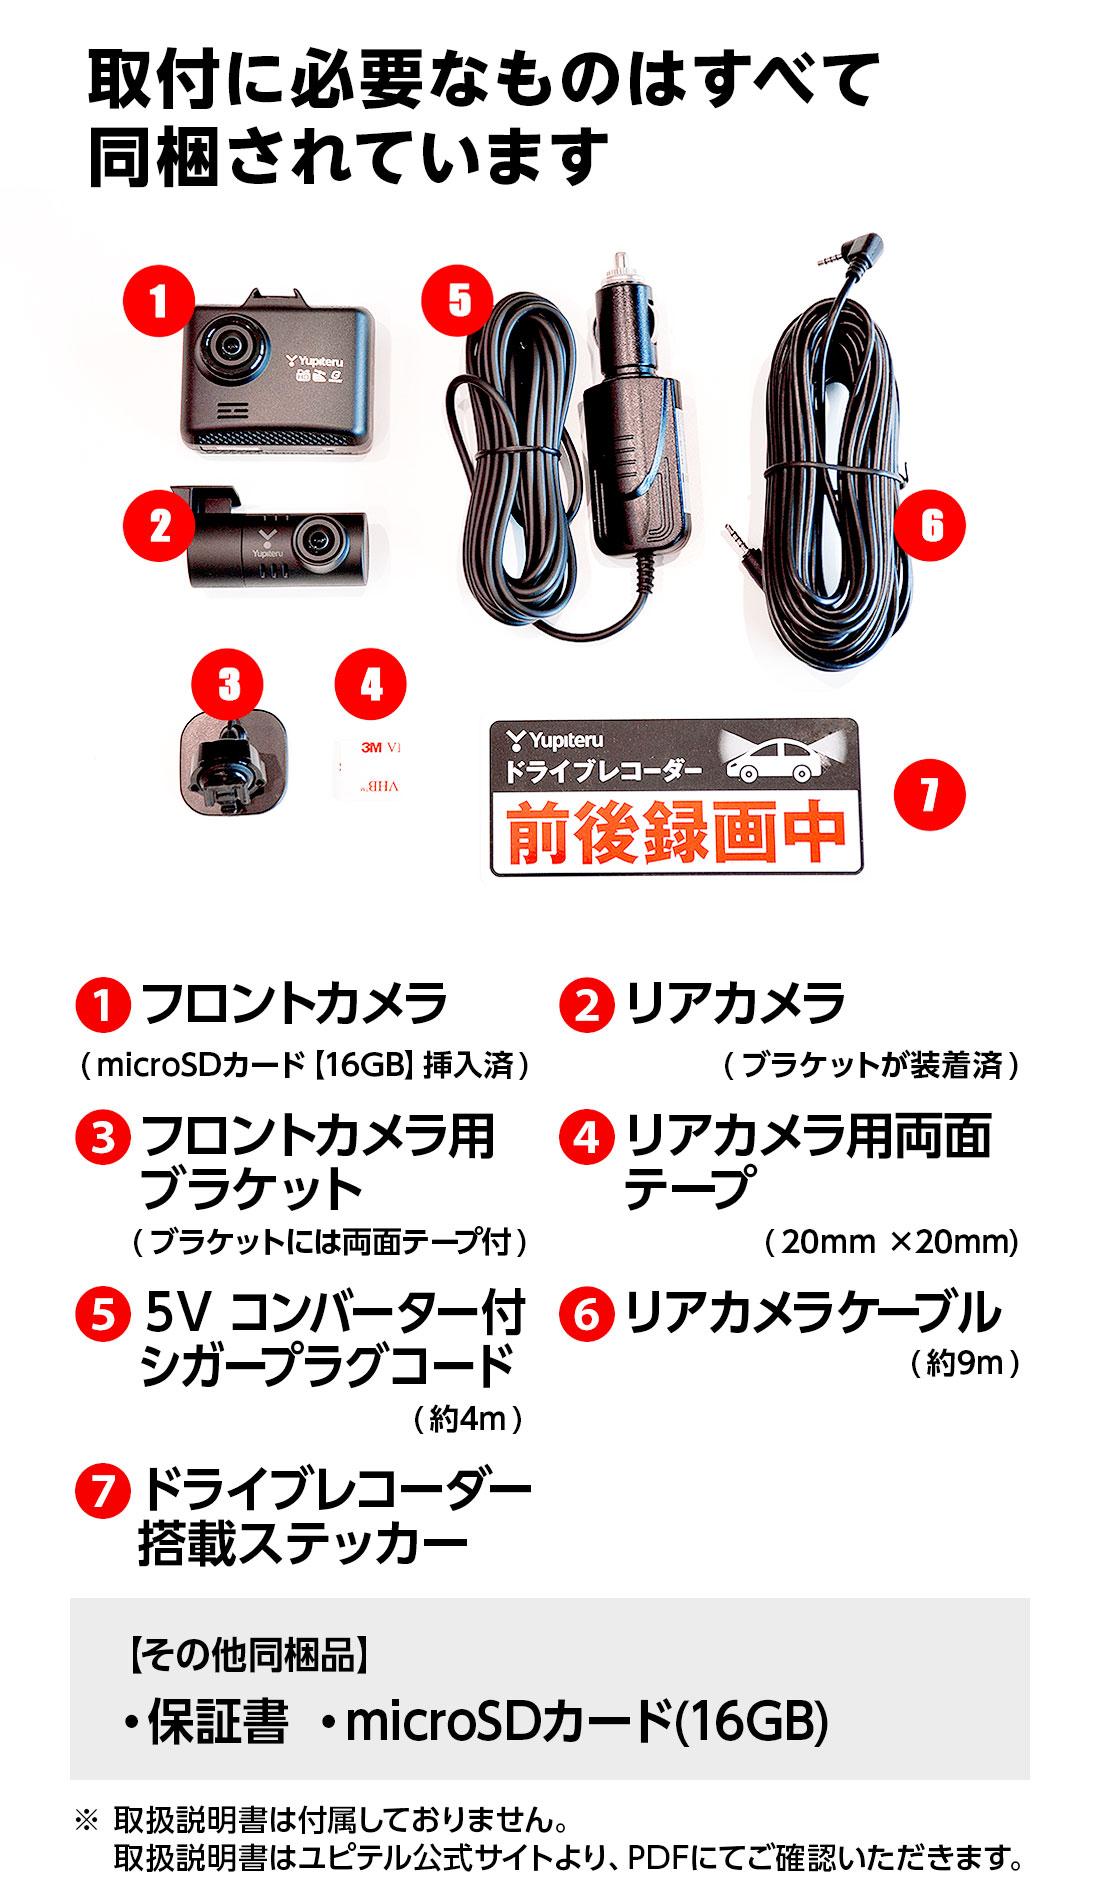 簡易パッケージでも必要なものはすべて同梱 DRY-TW8650c